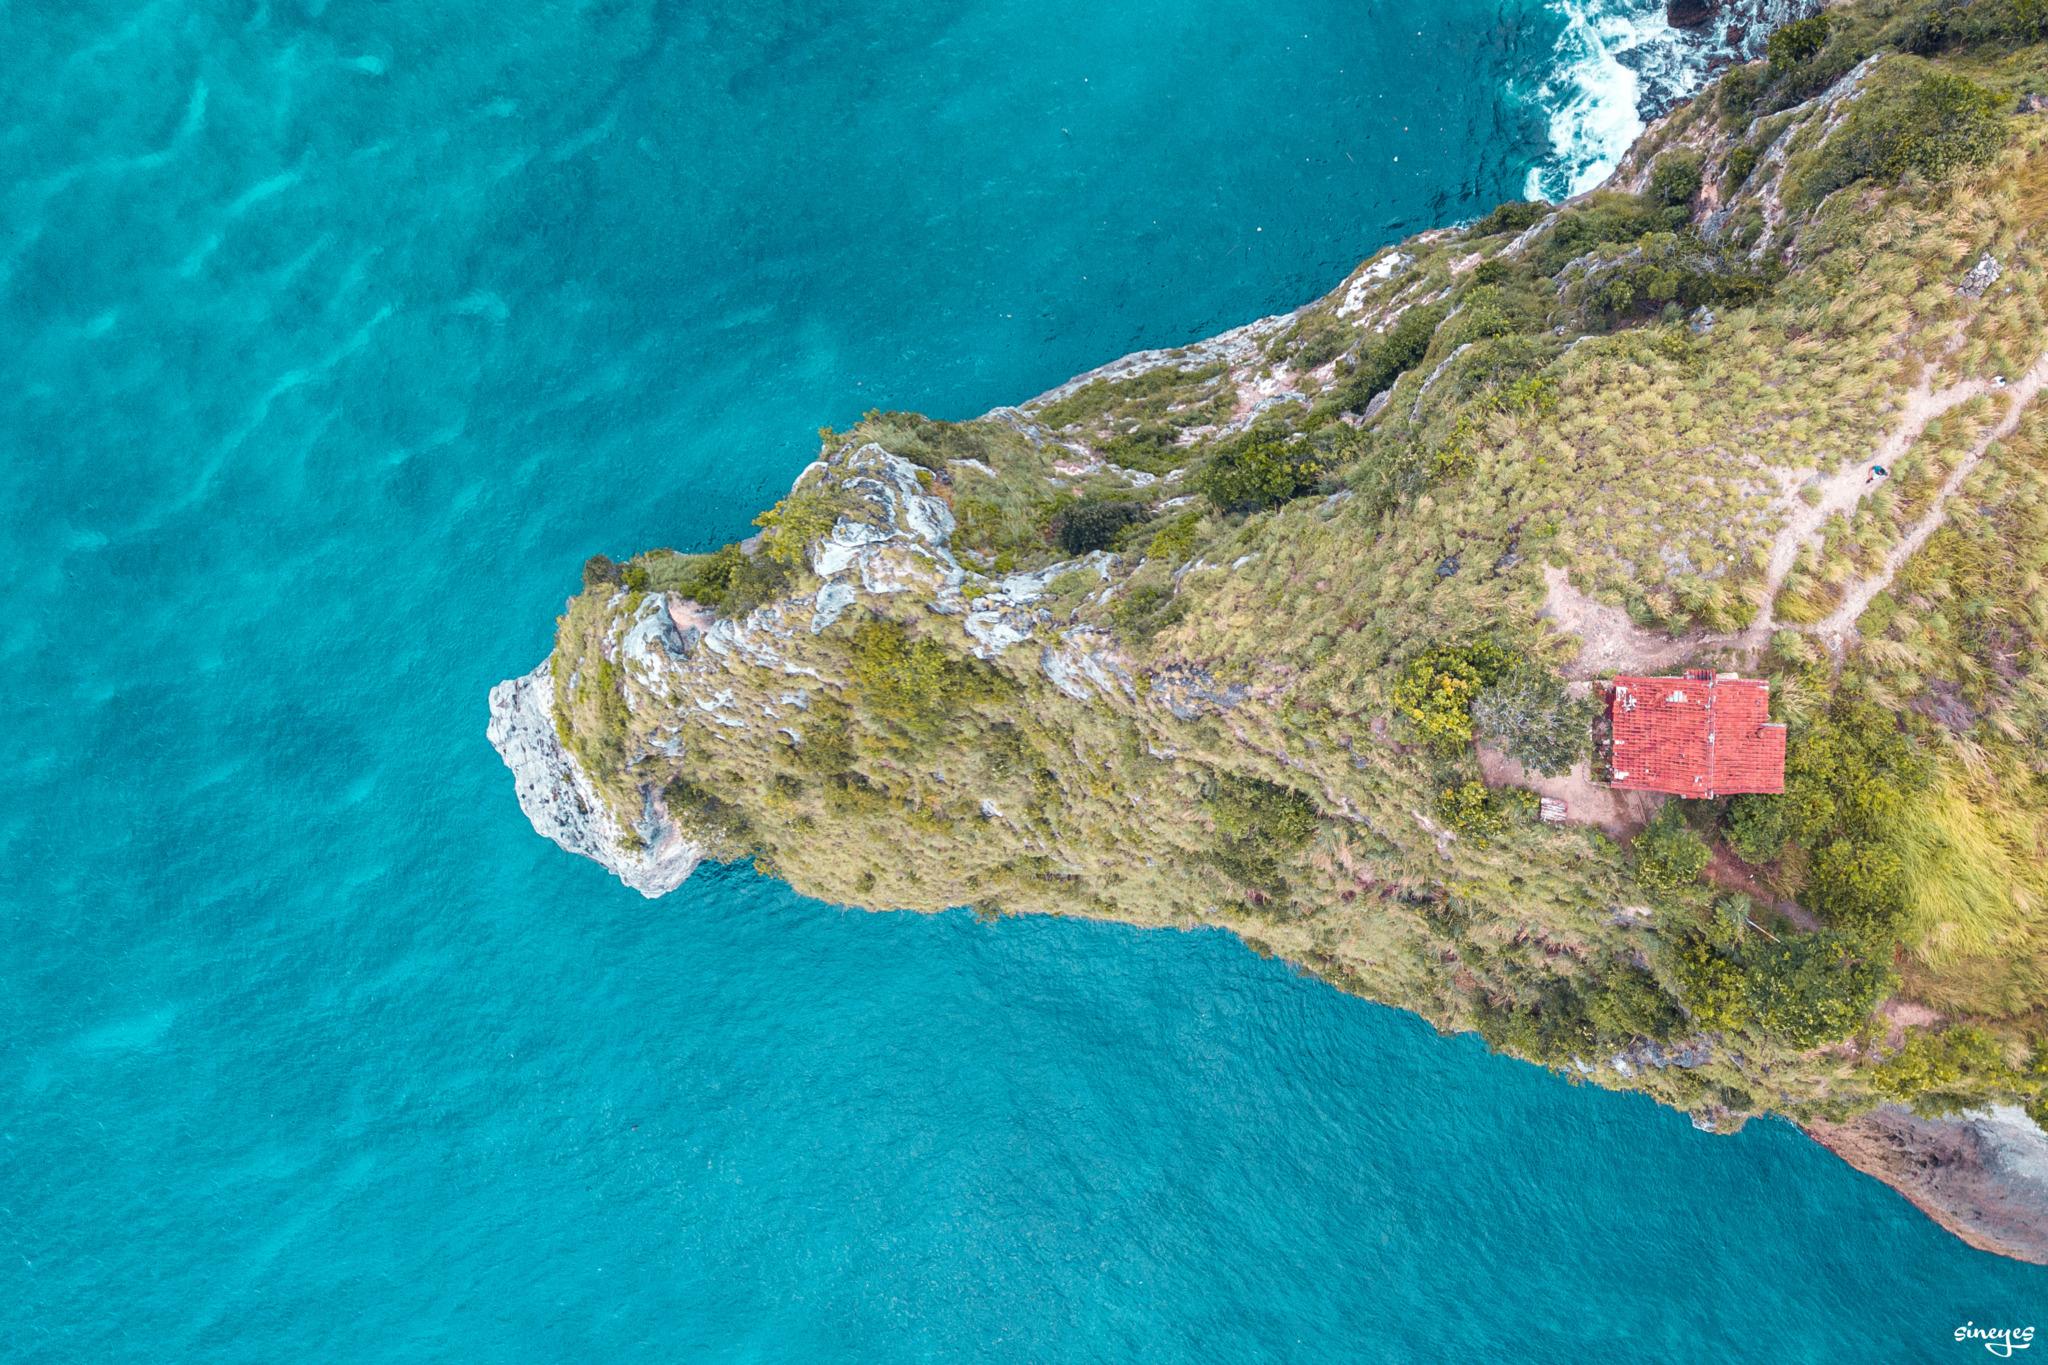 La petite maison sur la falaise by sineyes